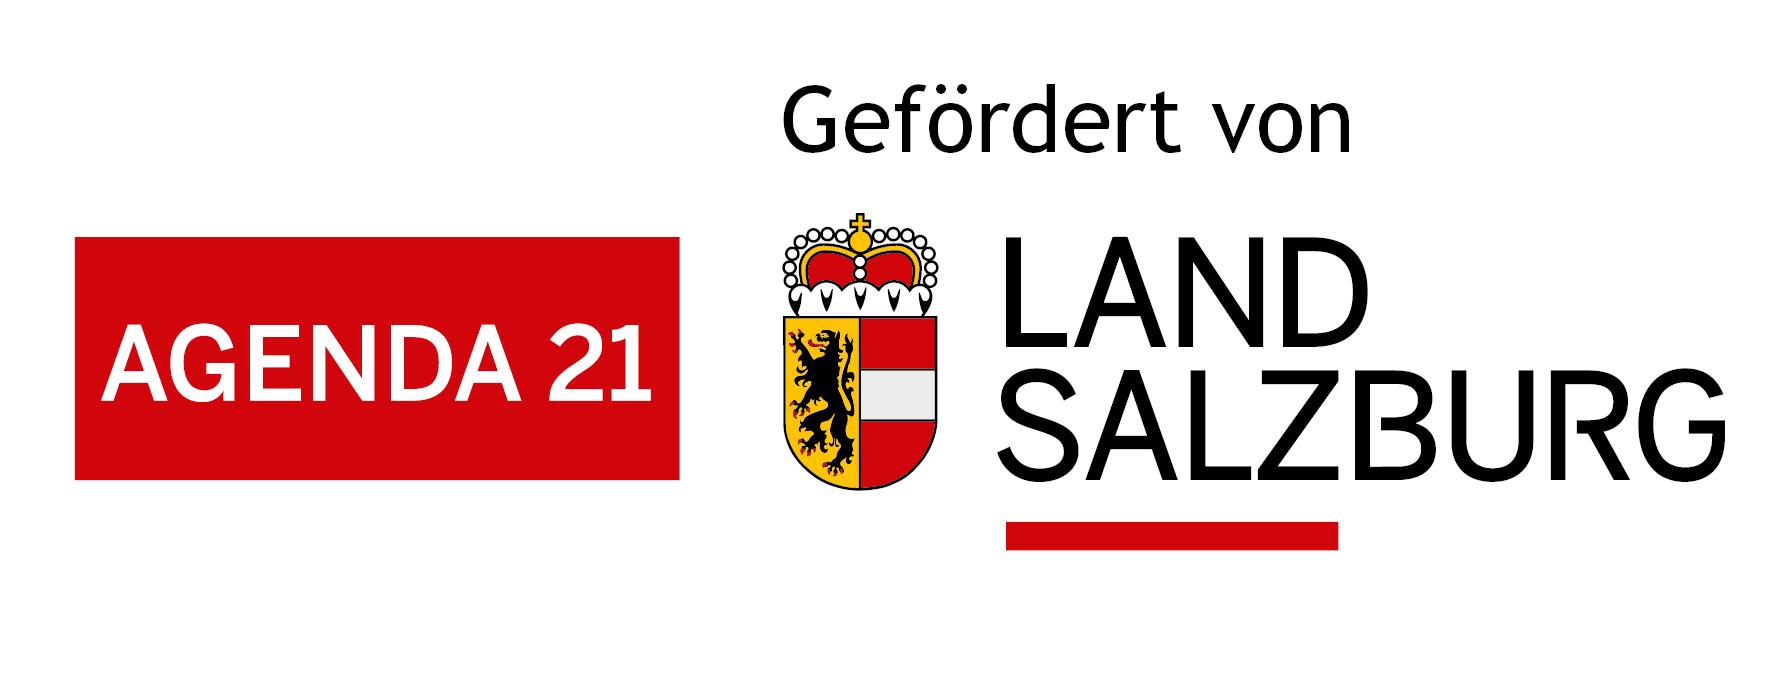 Land Salzburg - Logos und Vorlagen